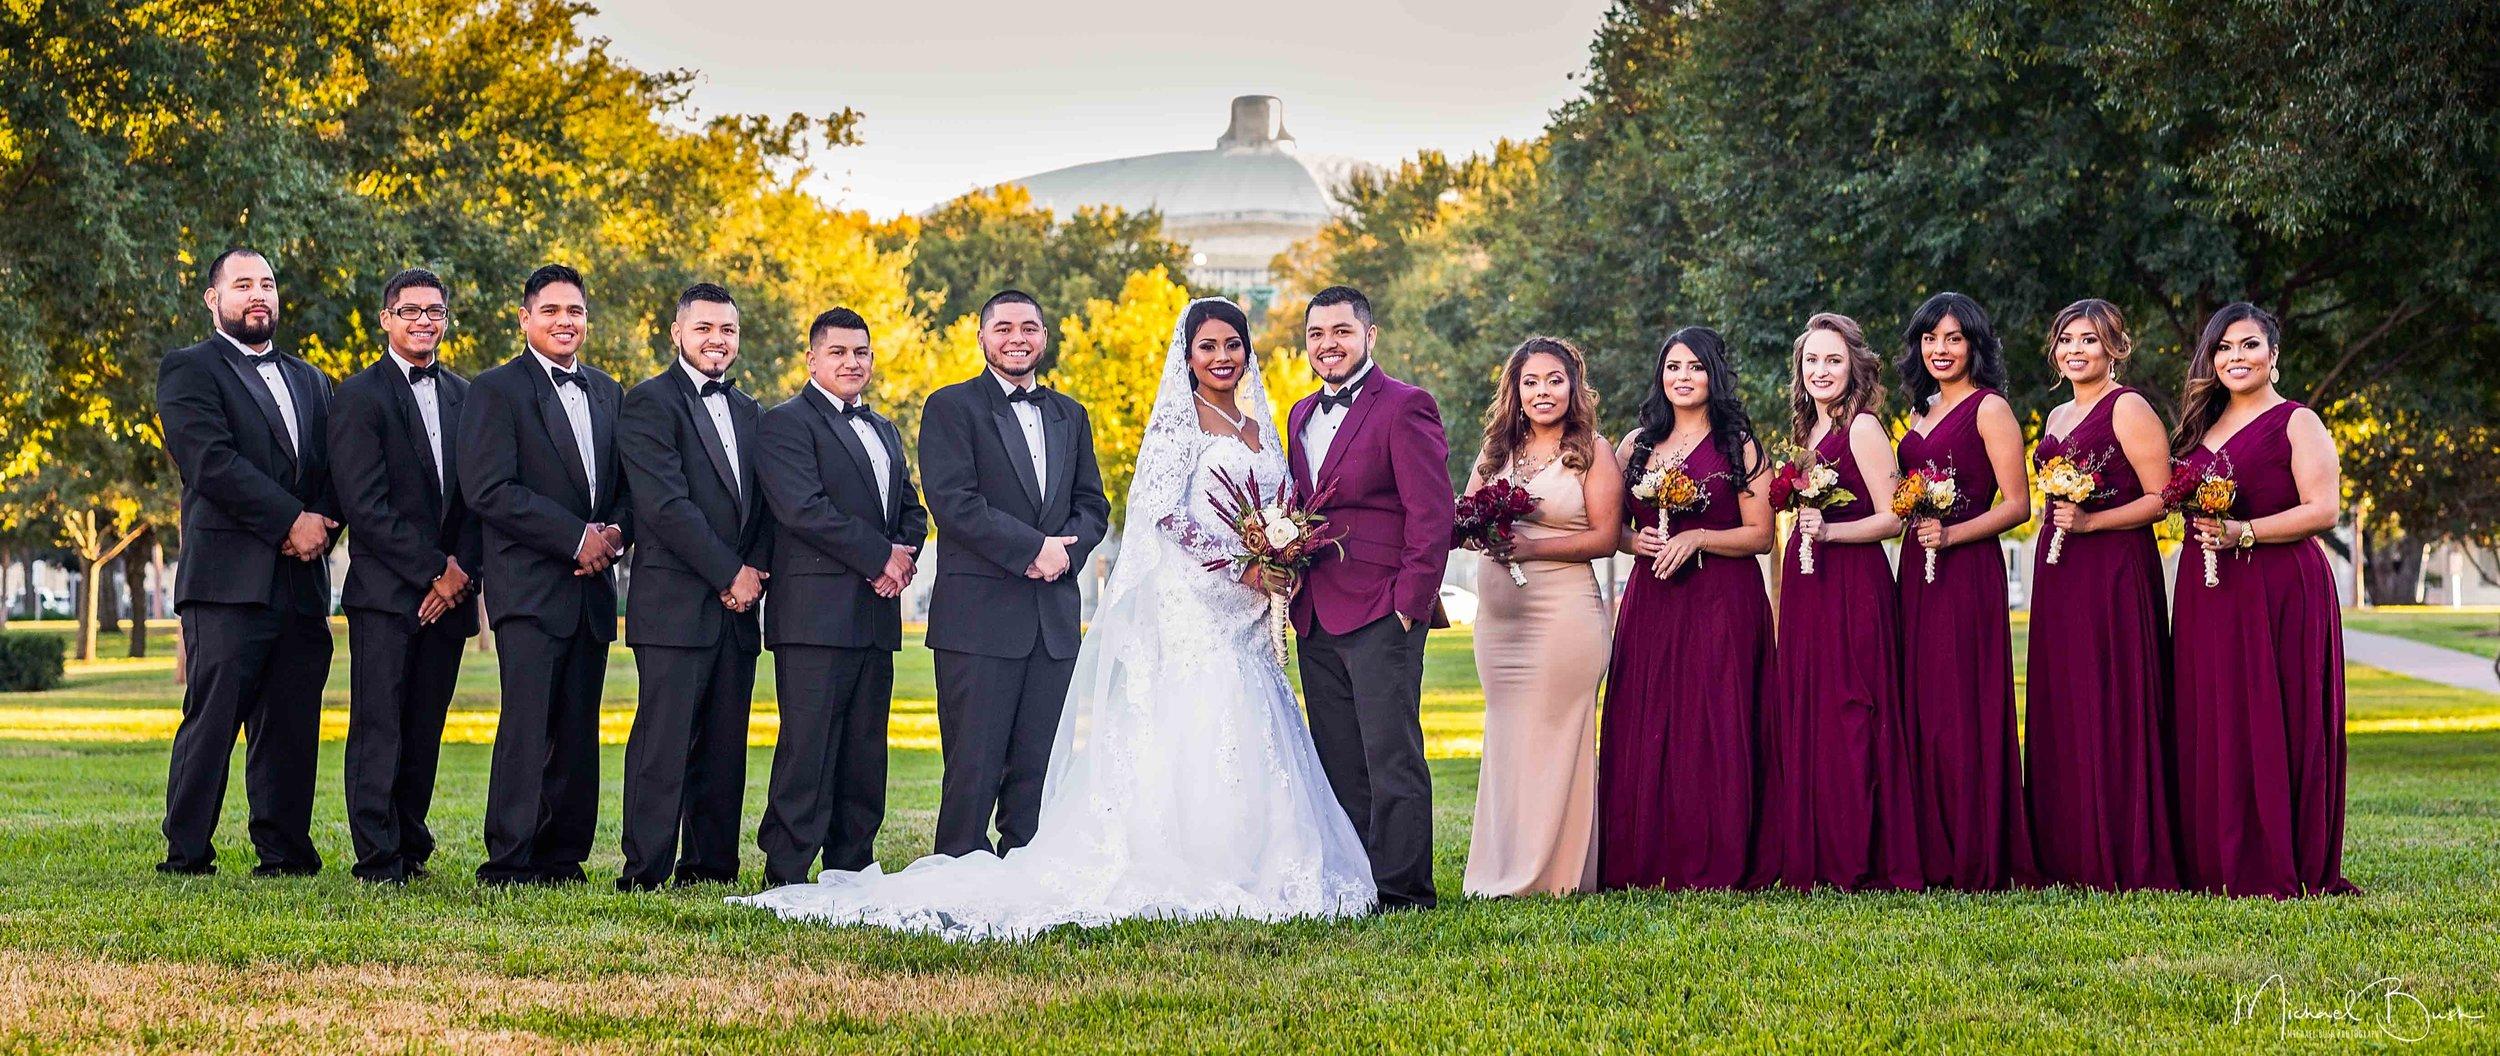 Wedding-Party-bridalparty.jpg